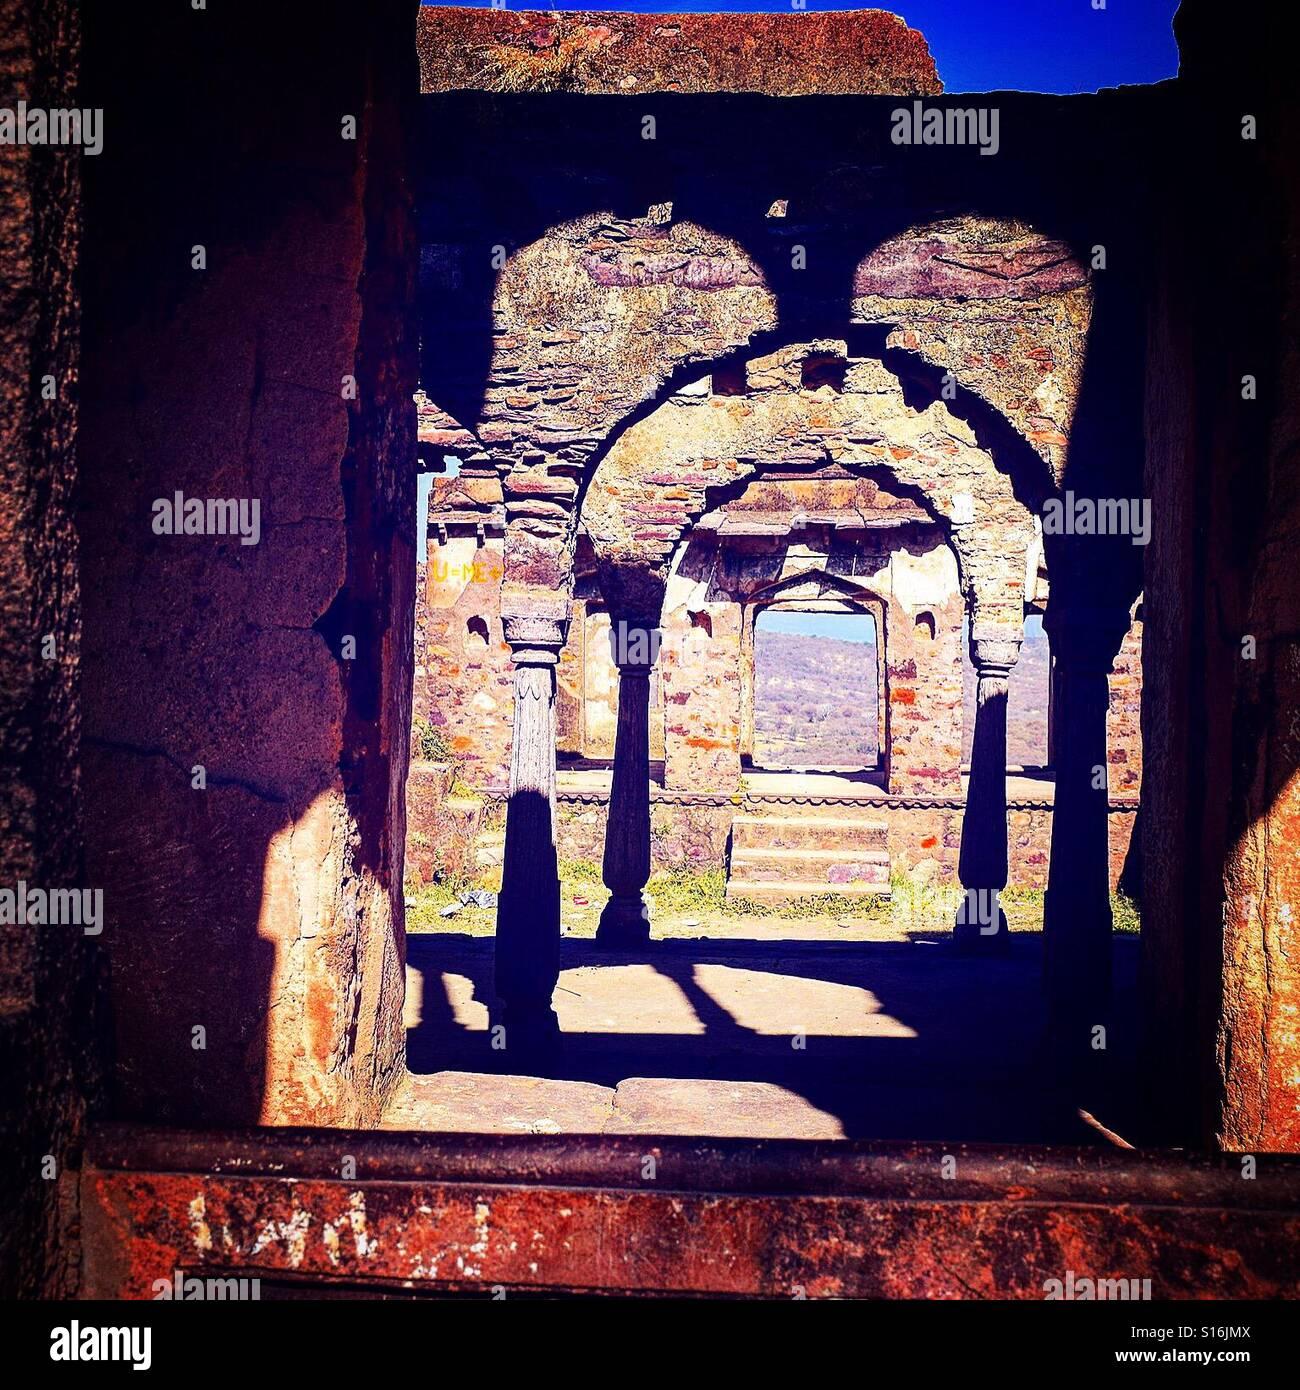 Schöne Mischung aus Bögen, Korridore und Schatten Stockbild